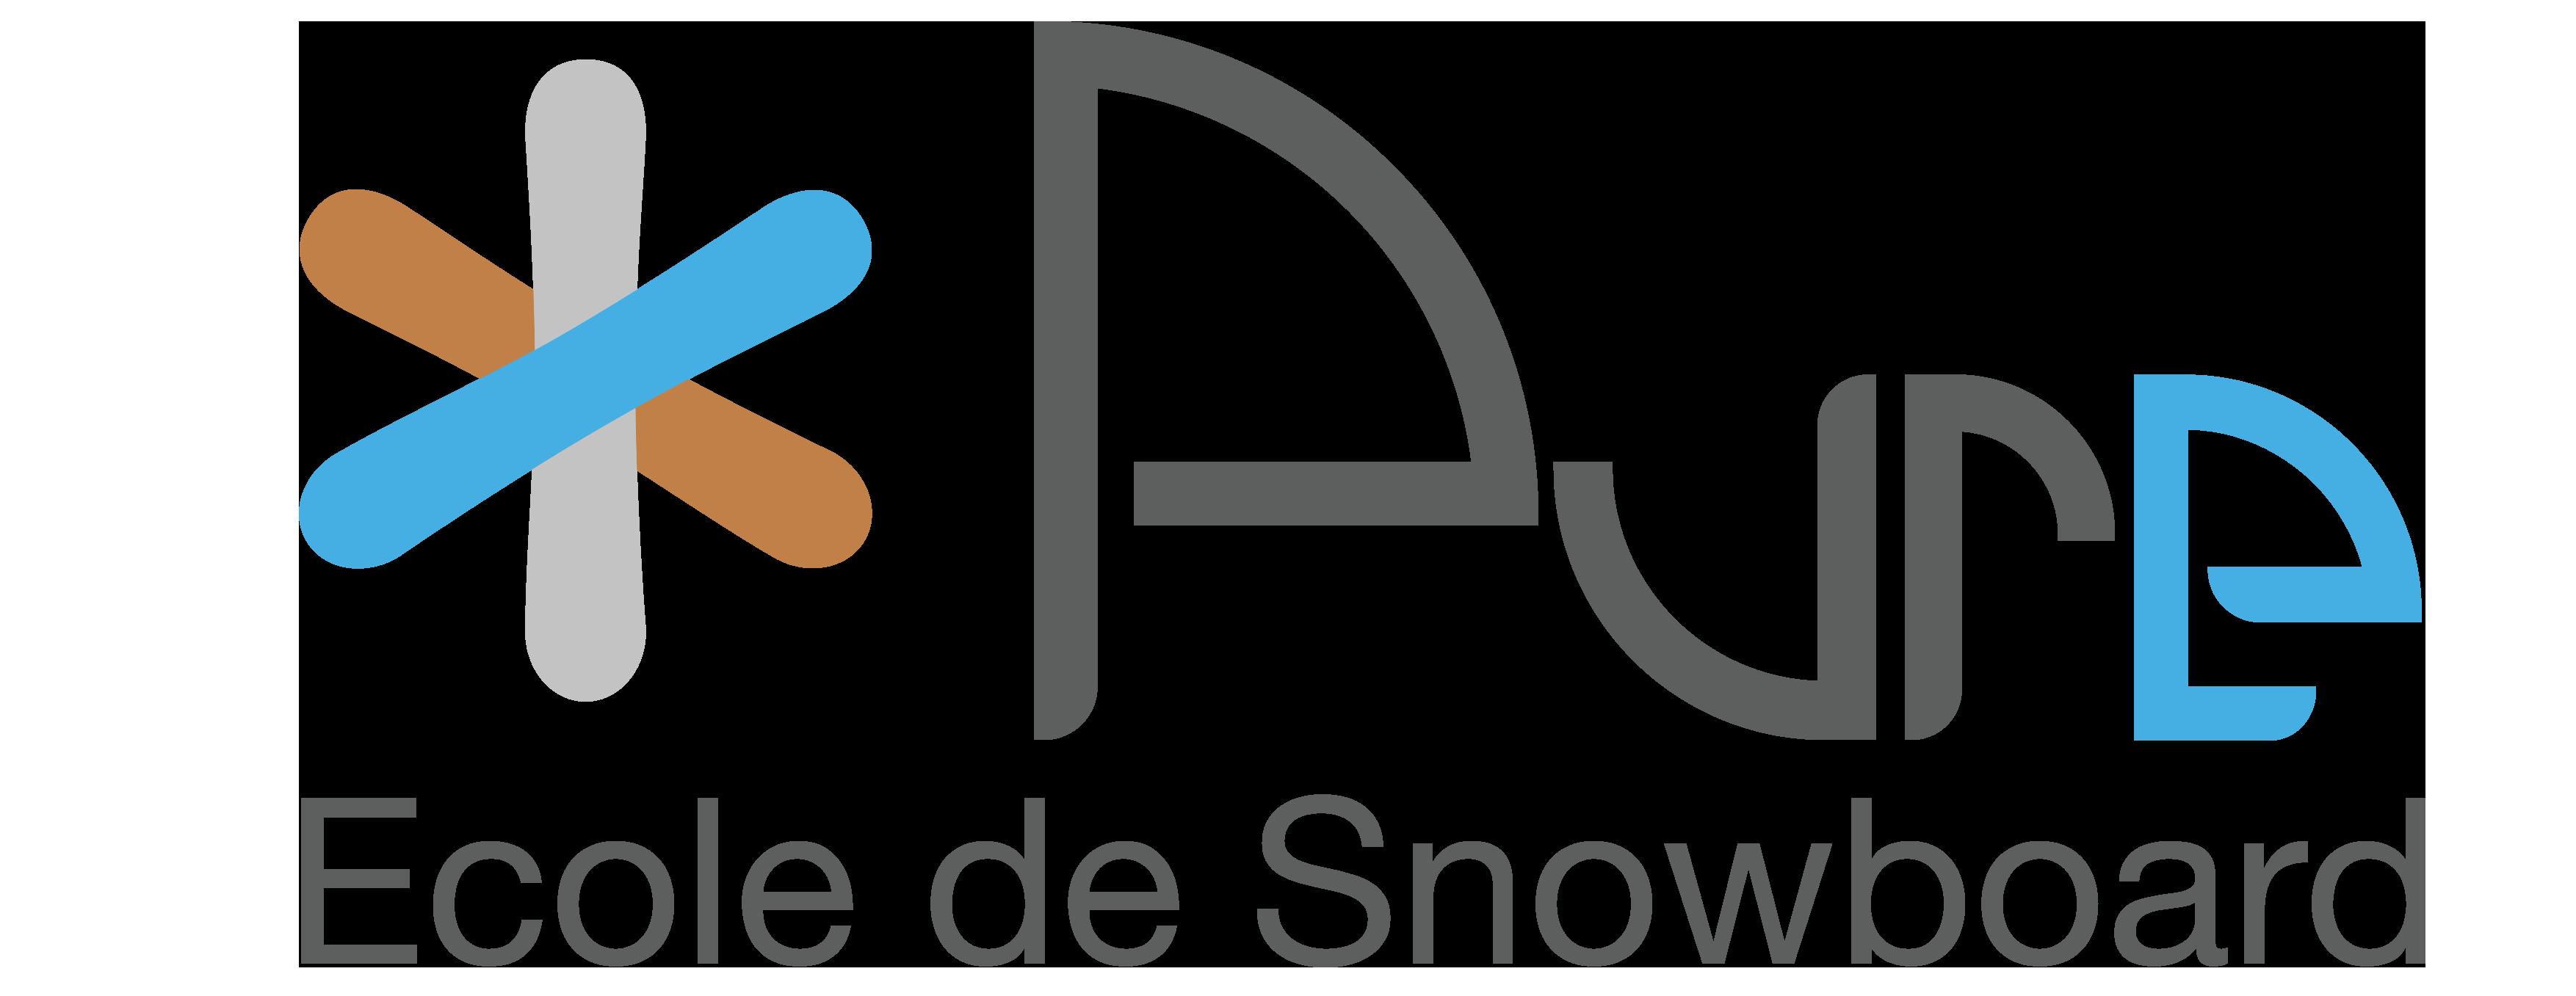 Pure Snow-School : Ecole de snowboard Vars-Risoul